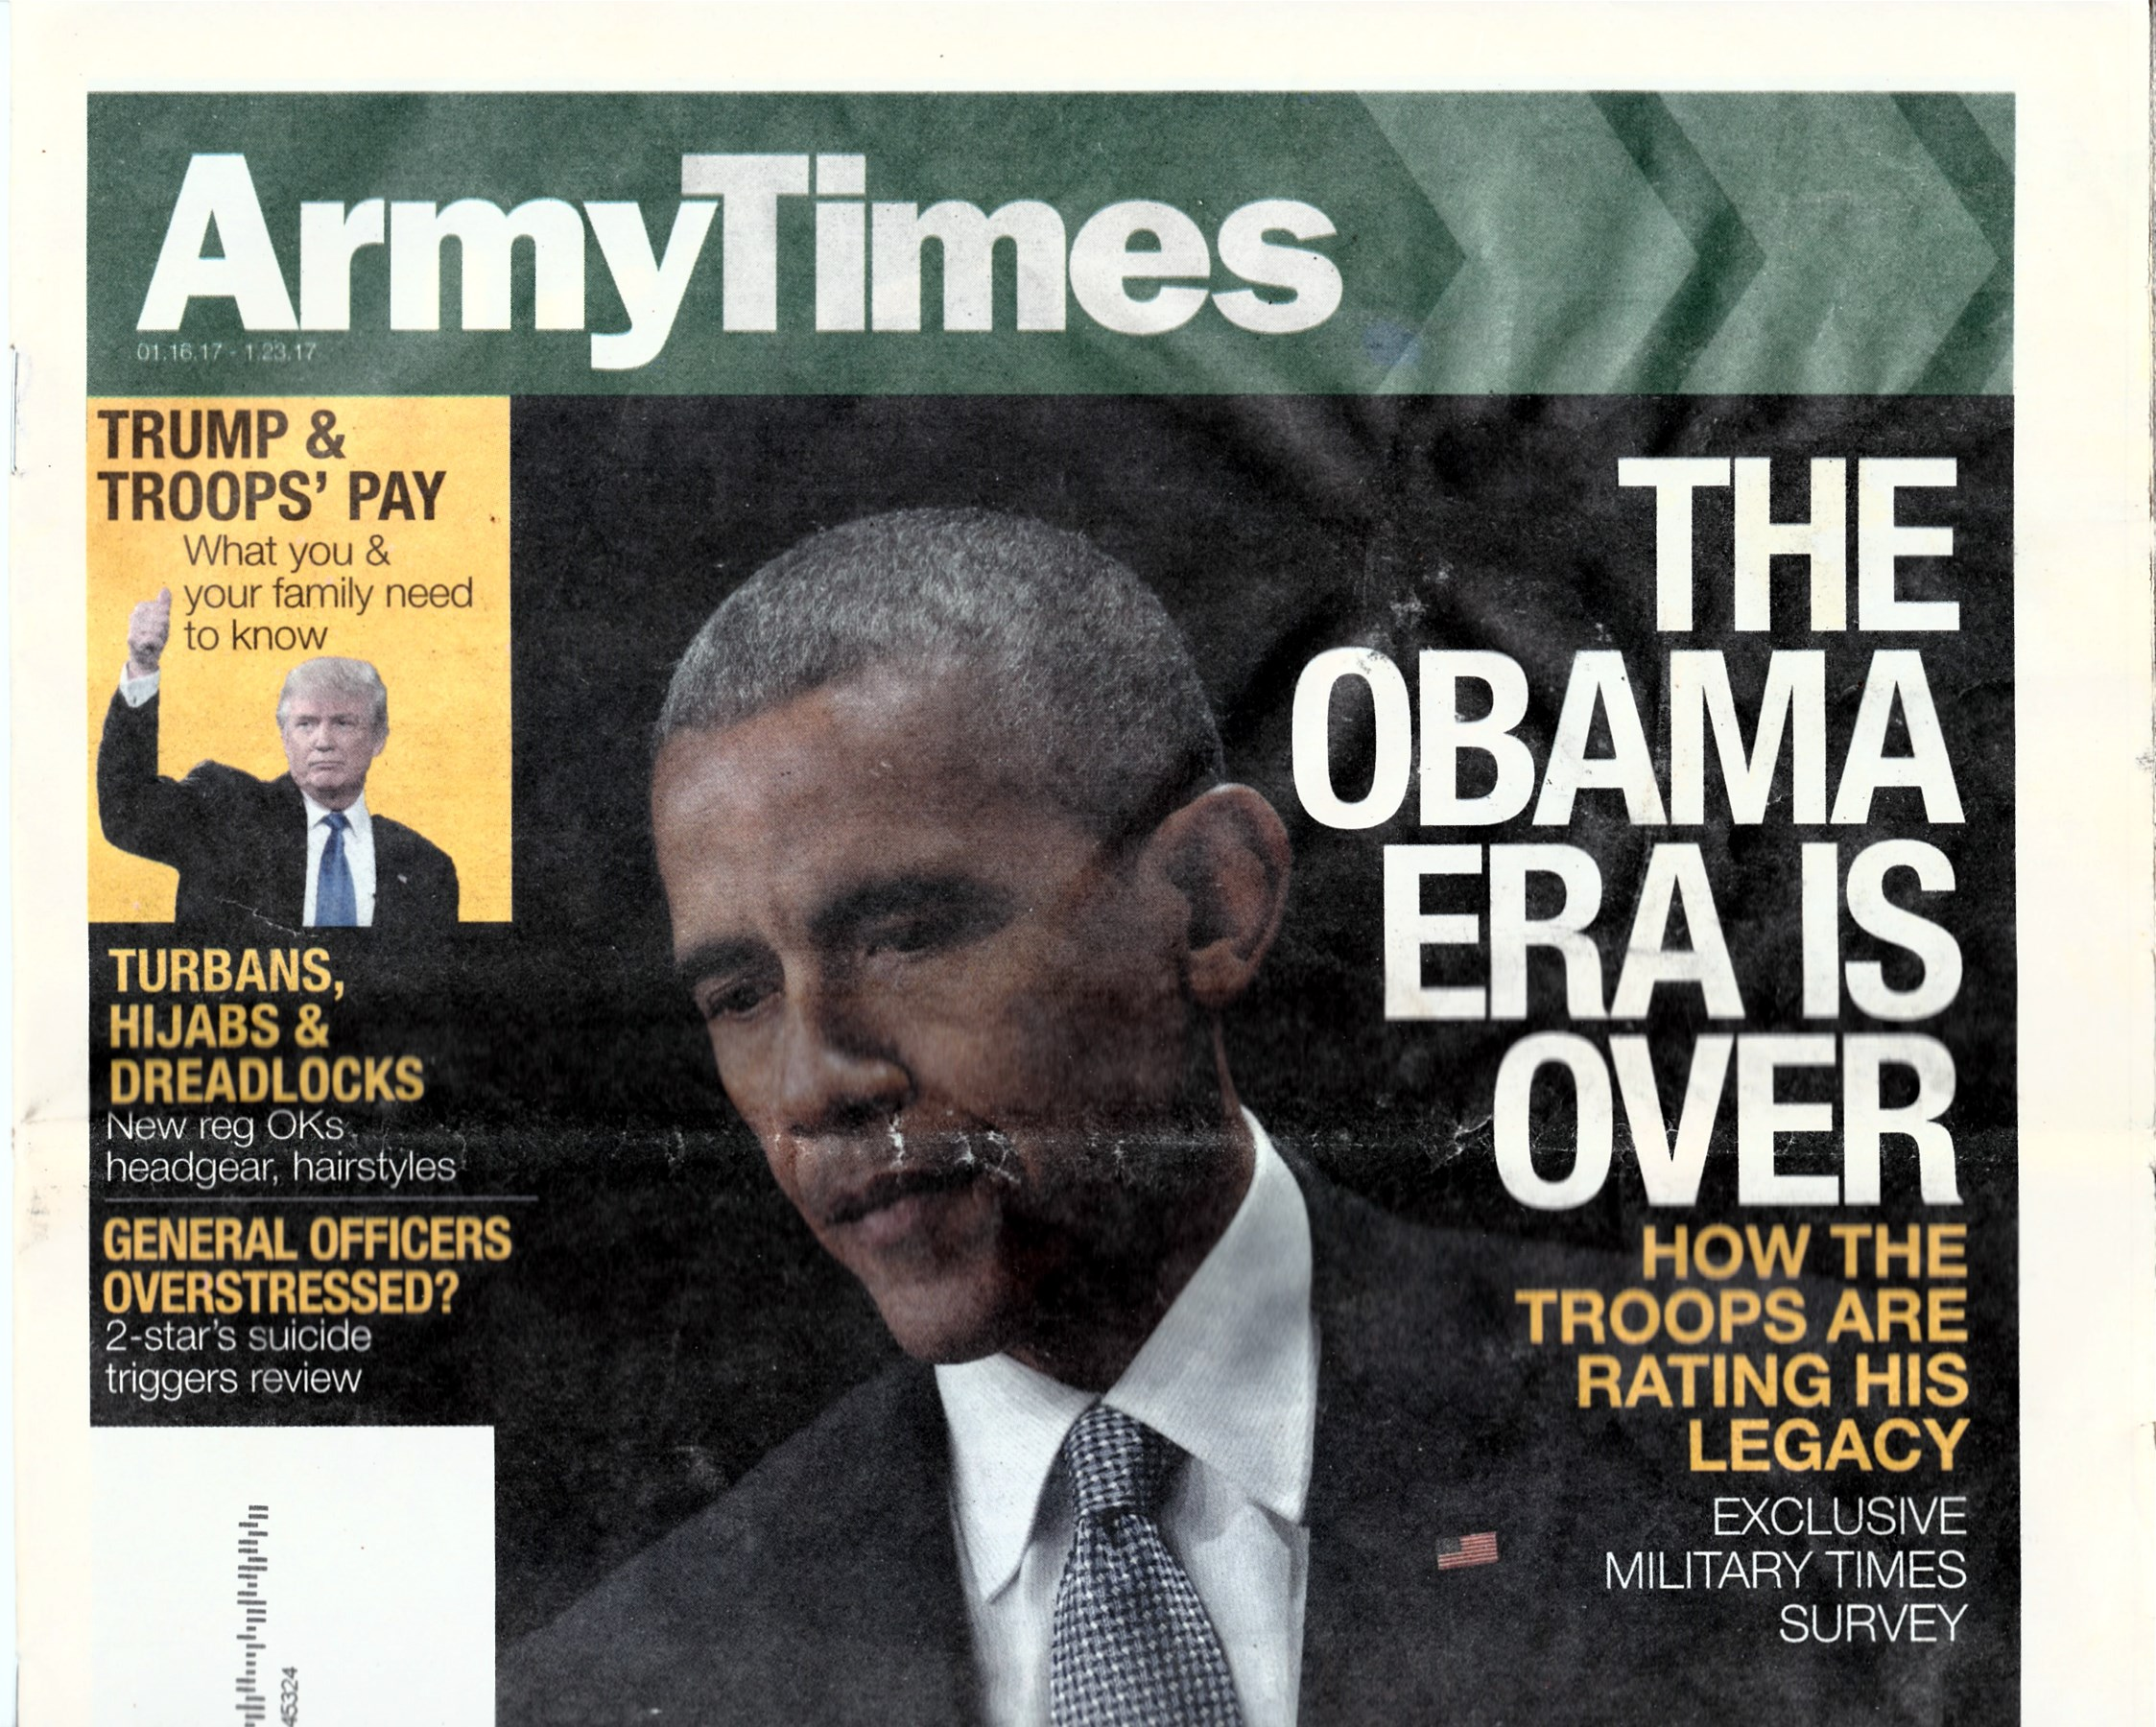 Obama Era is over trimmed.jpg